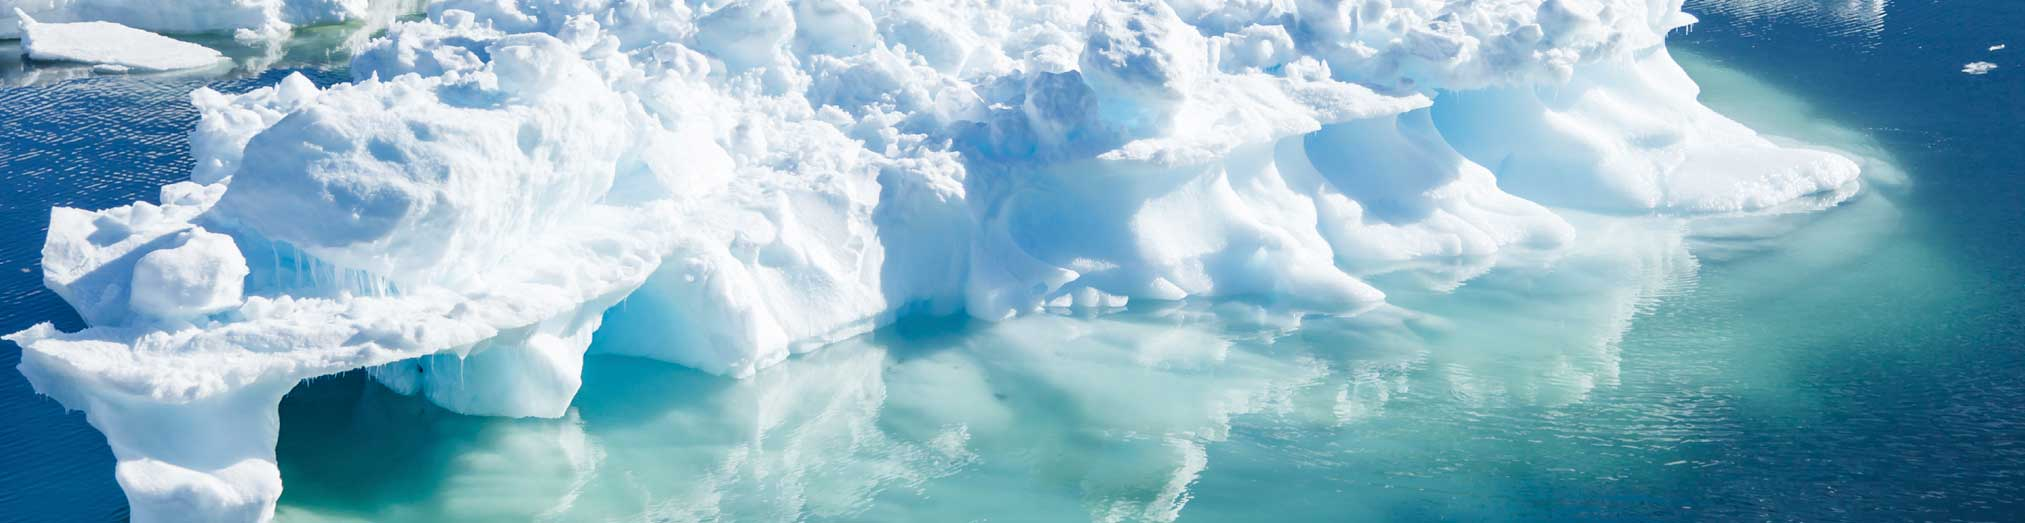 BSR-Ice